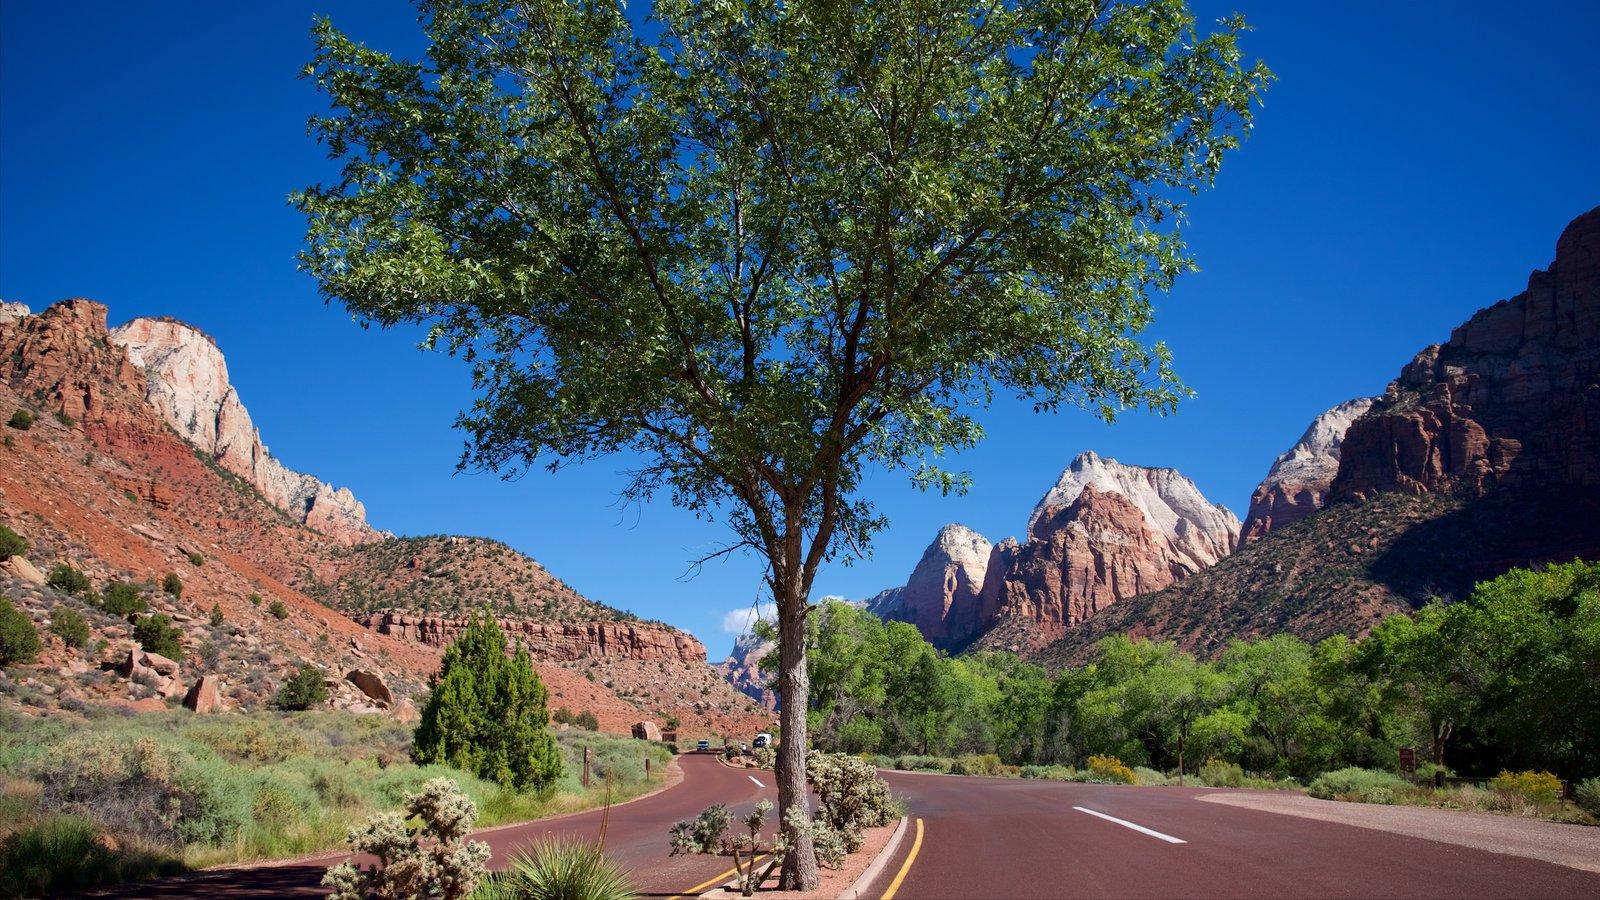 Parque Nacional Zion ofreciendo turismo y escenas tranquilas